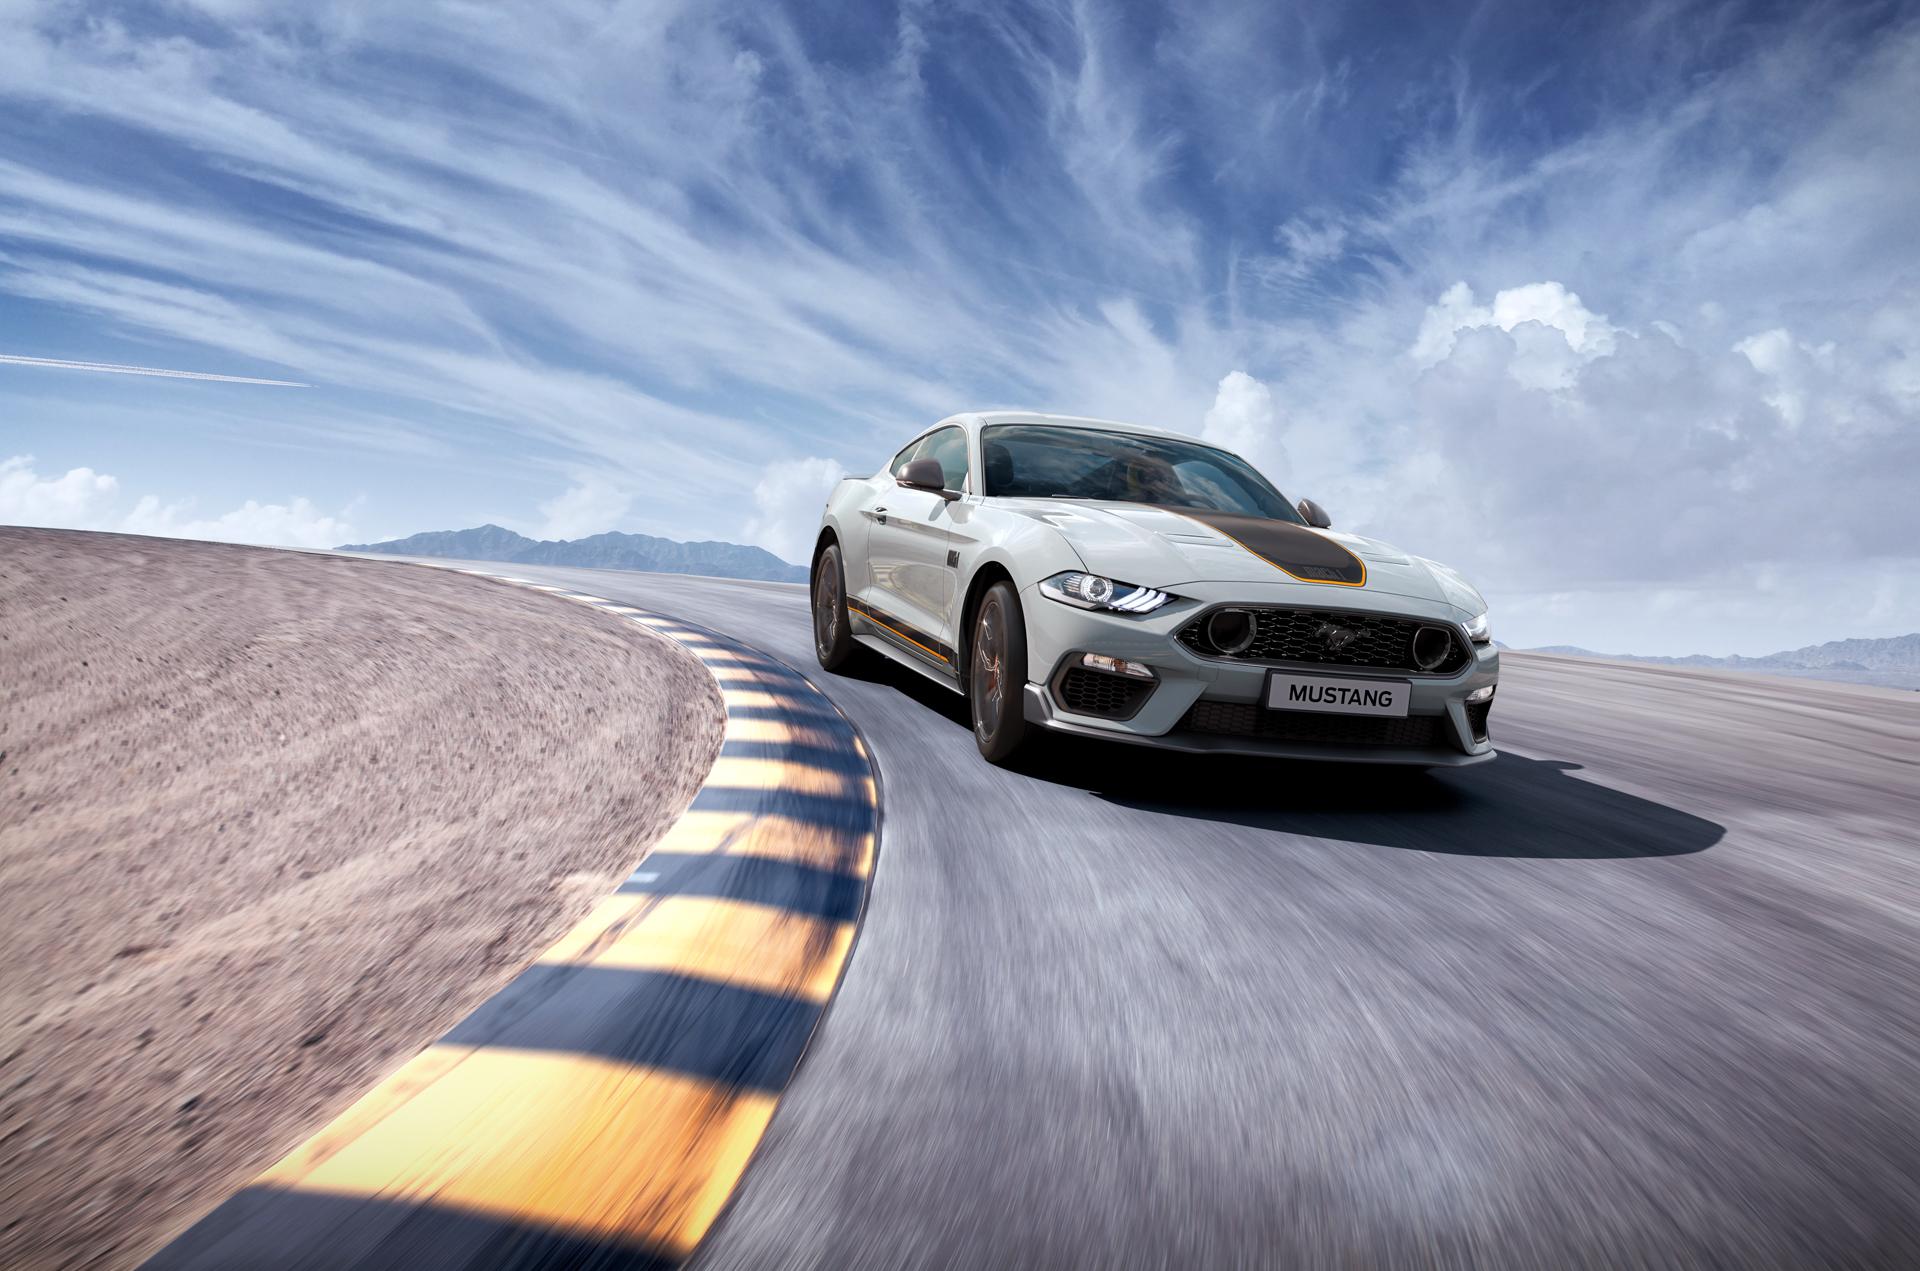 Mustang Mach1 é um meio termo entre a versão GT tradicional e a linhagem mais esportiva da Shelby